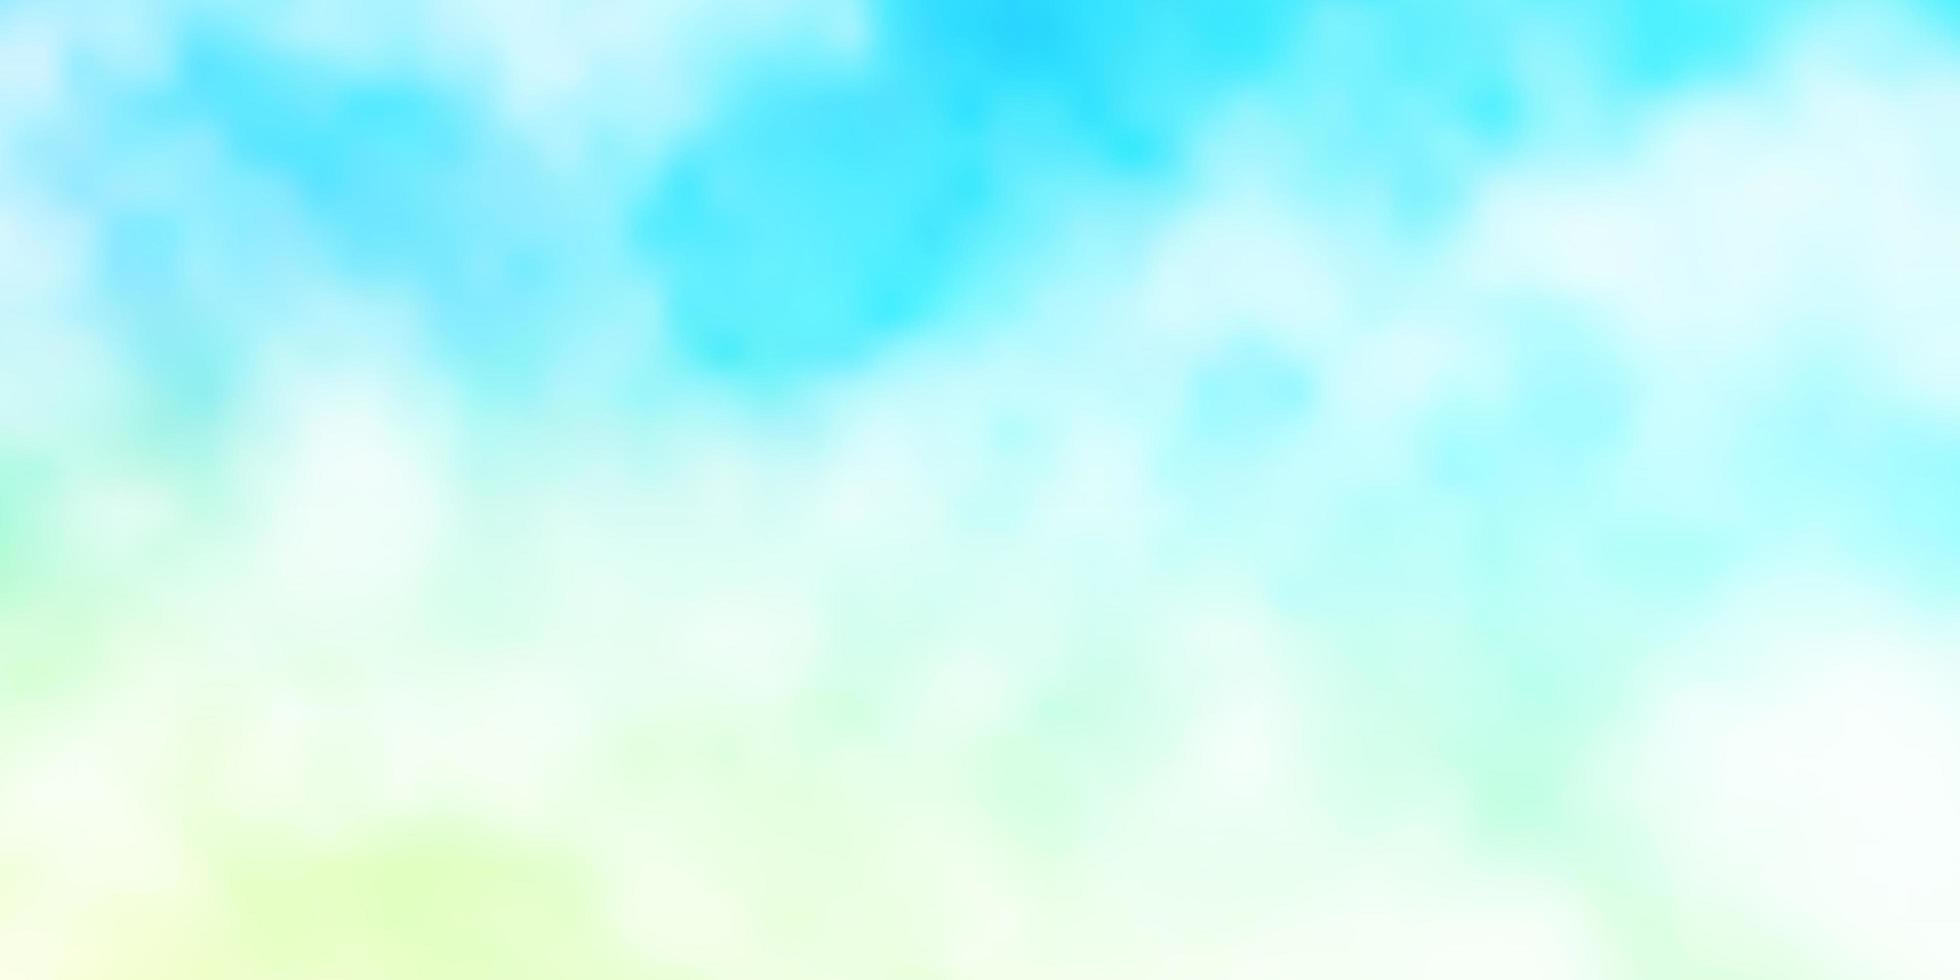 hellblaues, grünes Vektorlayout mit Wolkenlandschaft. vektor